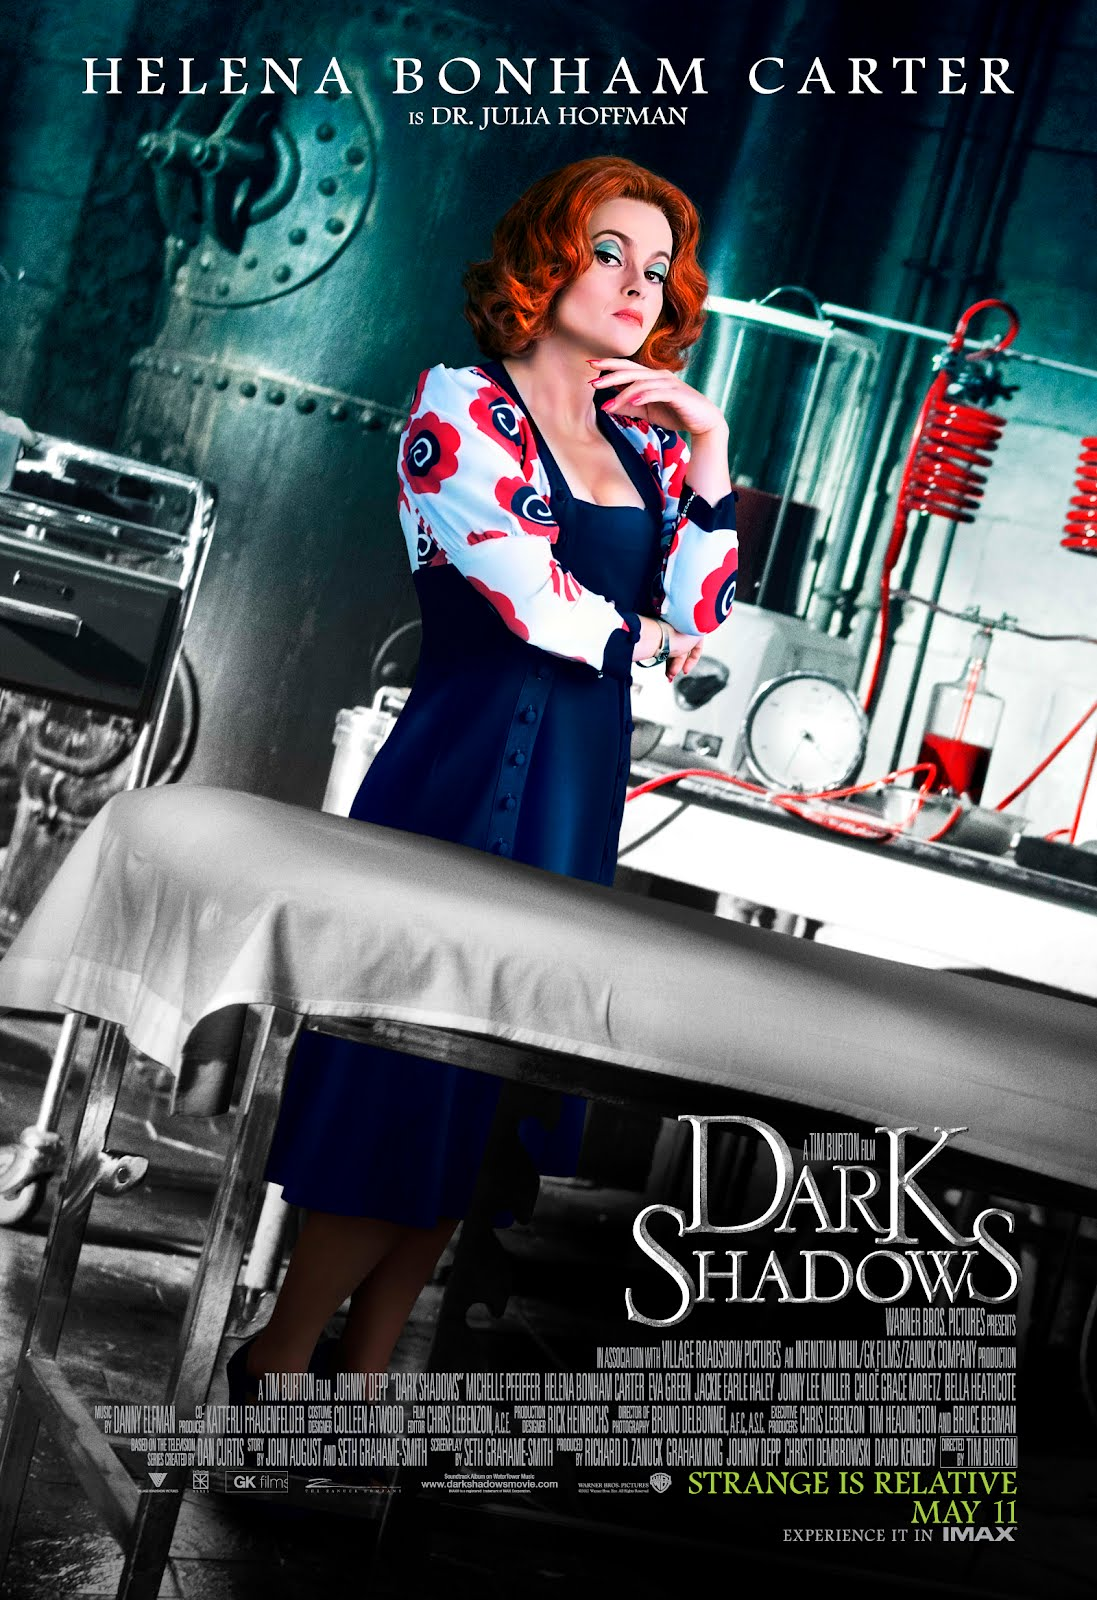 http://4.bp.blogspot.com/-QabaJSHogn4/T3SRPuuPorI/AAAAAAAADSU/et9dYe6JVgY/s1600/dark-shadows-character-poster-banner-helena-bonham-carter.jpg